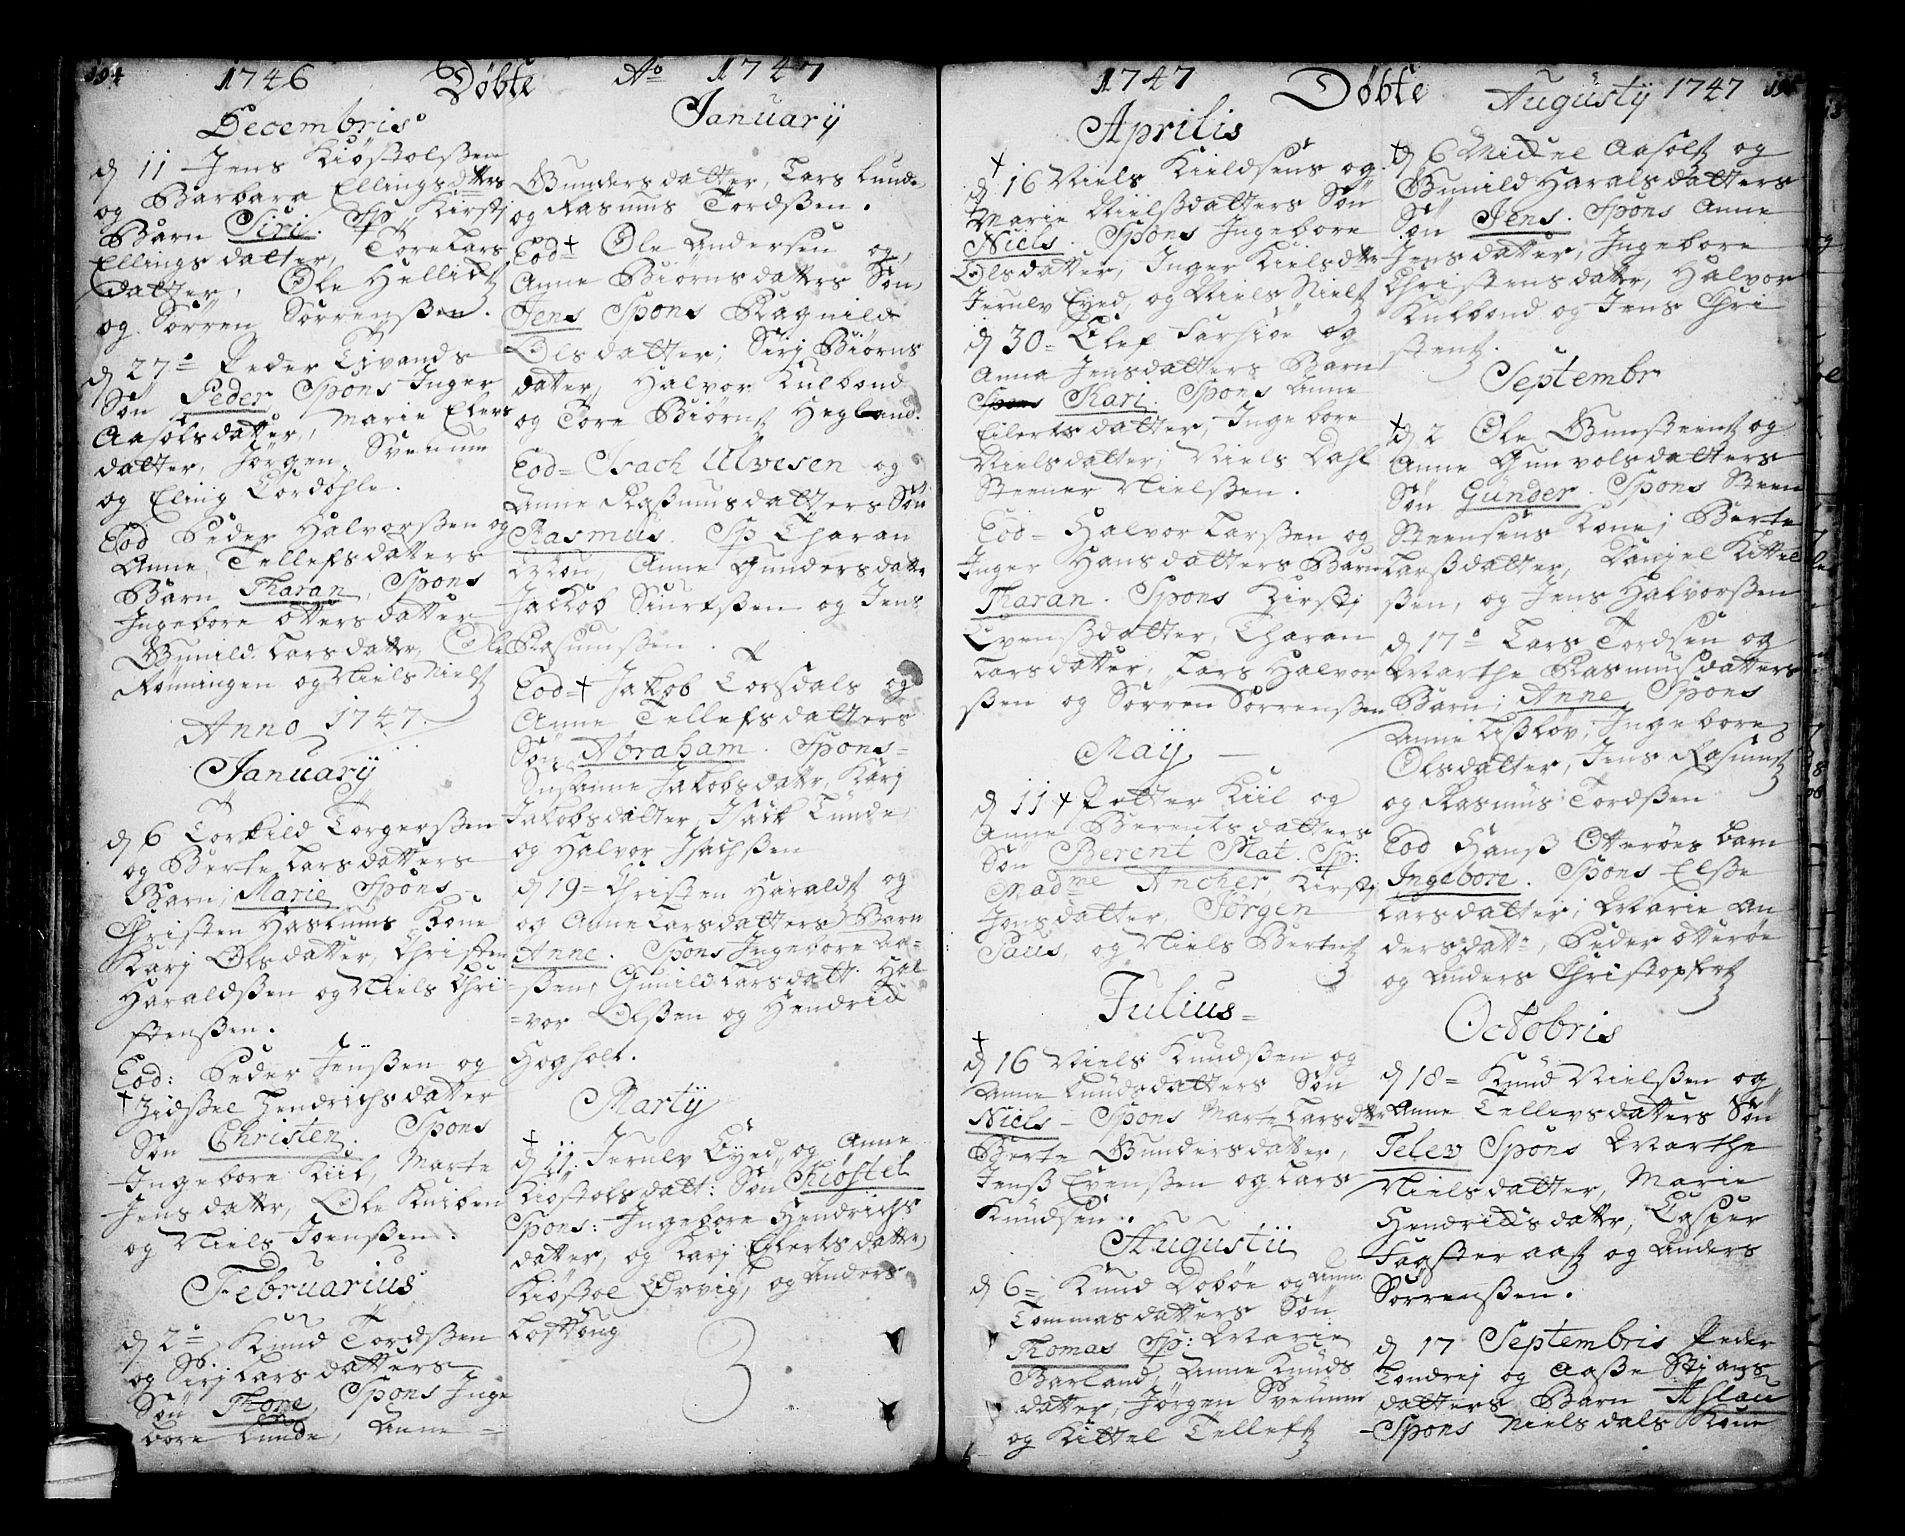 SAKO, Sannidal kirkebøker, F/Fa/L0001: Ministerialbok nr. 1, 1702-1766, s. 194-195